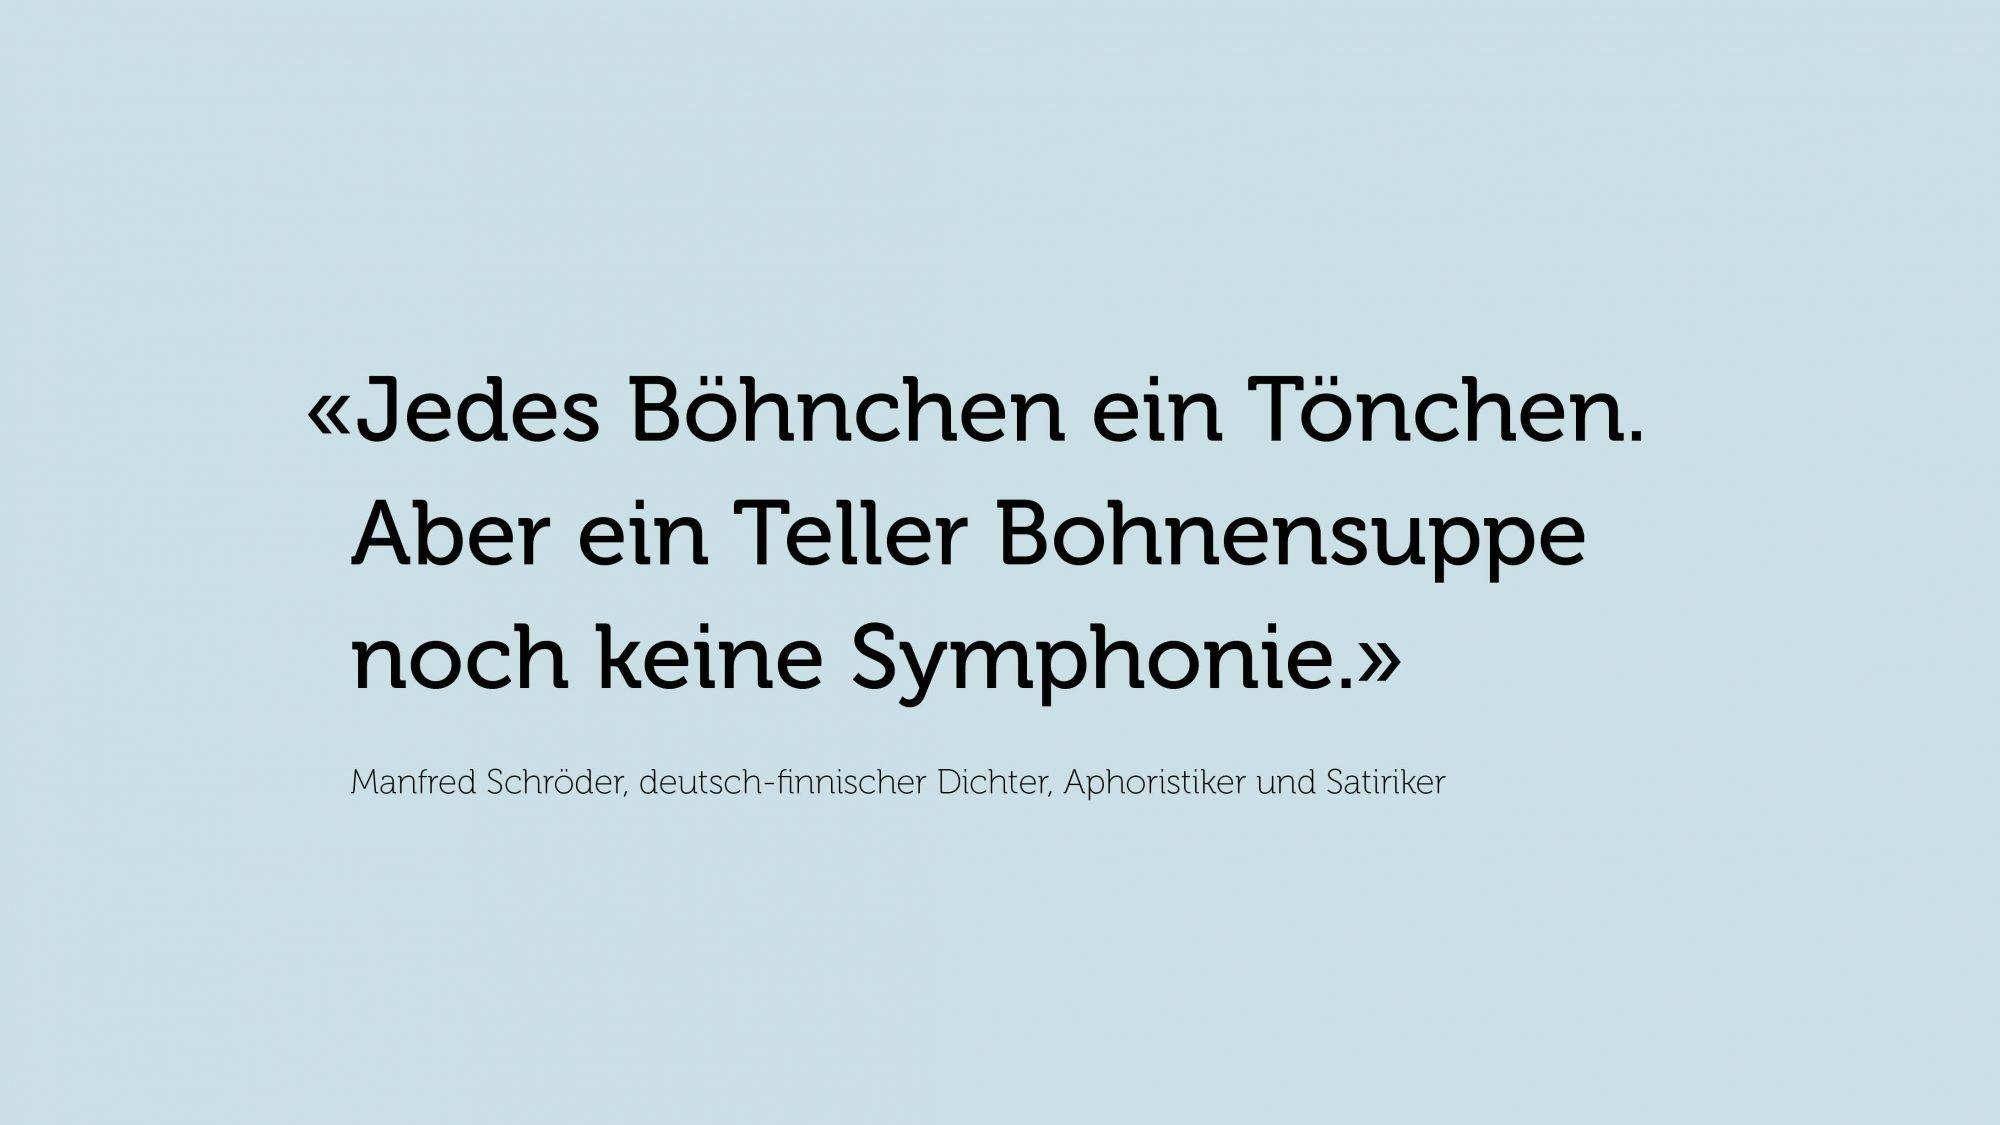 Zitat von Manfred Schröder, deutsch-finnischer Dichter, Aphoristiker und Satiriker: «Jedes Böhnchen ein Tönchen. Aber ein Teller Bohnensuppe noch keine Symphonie.»